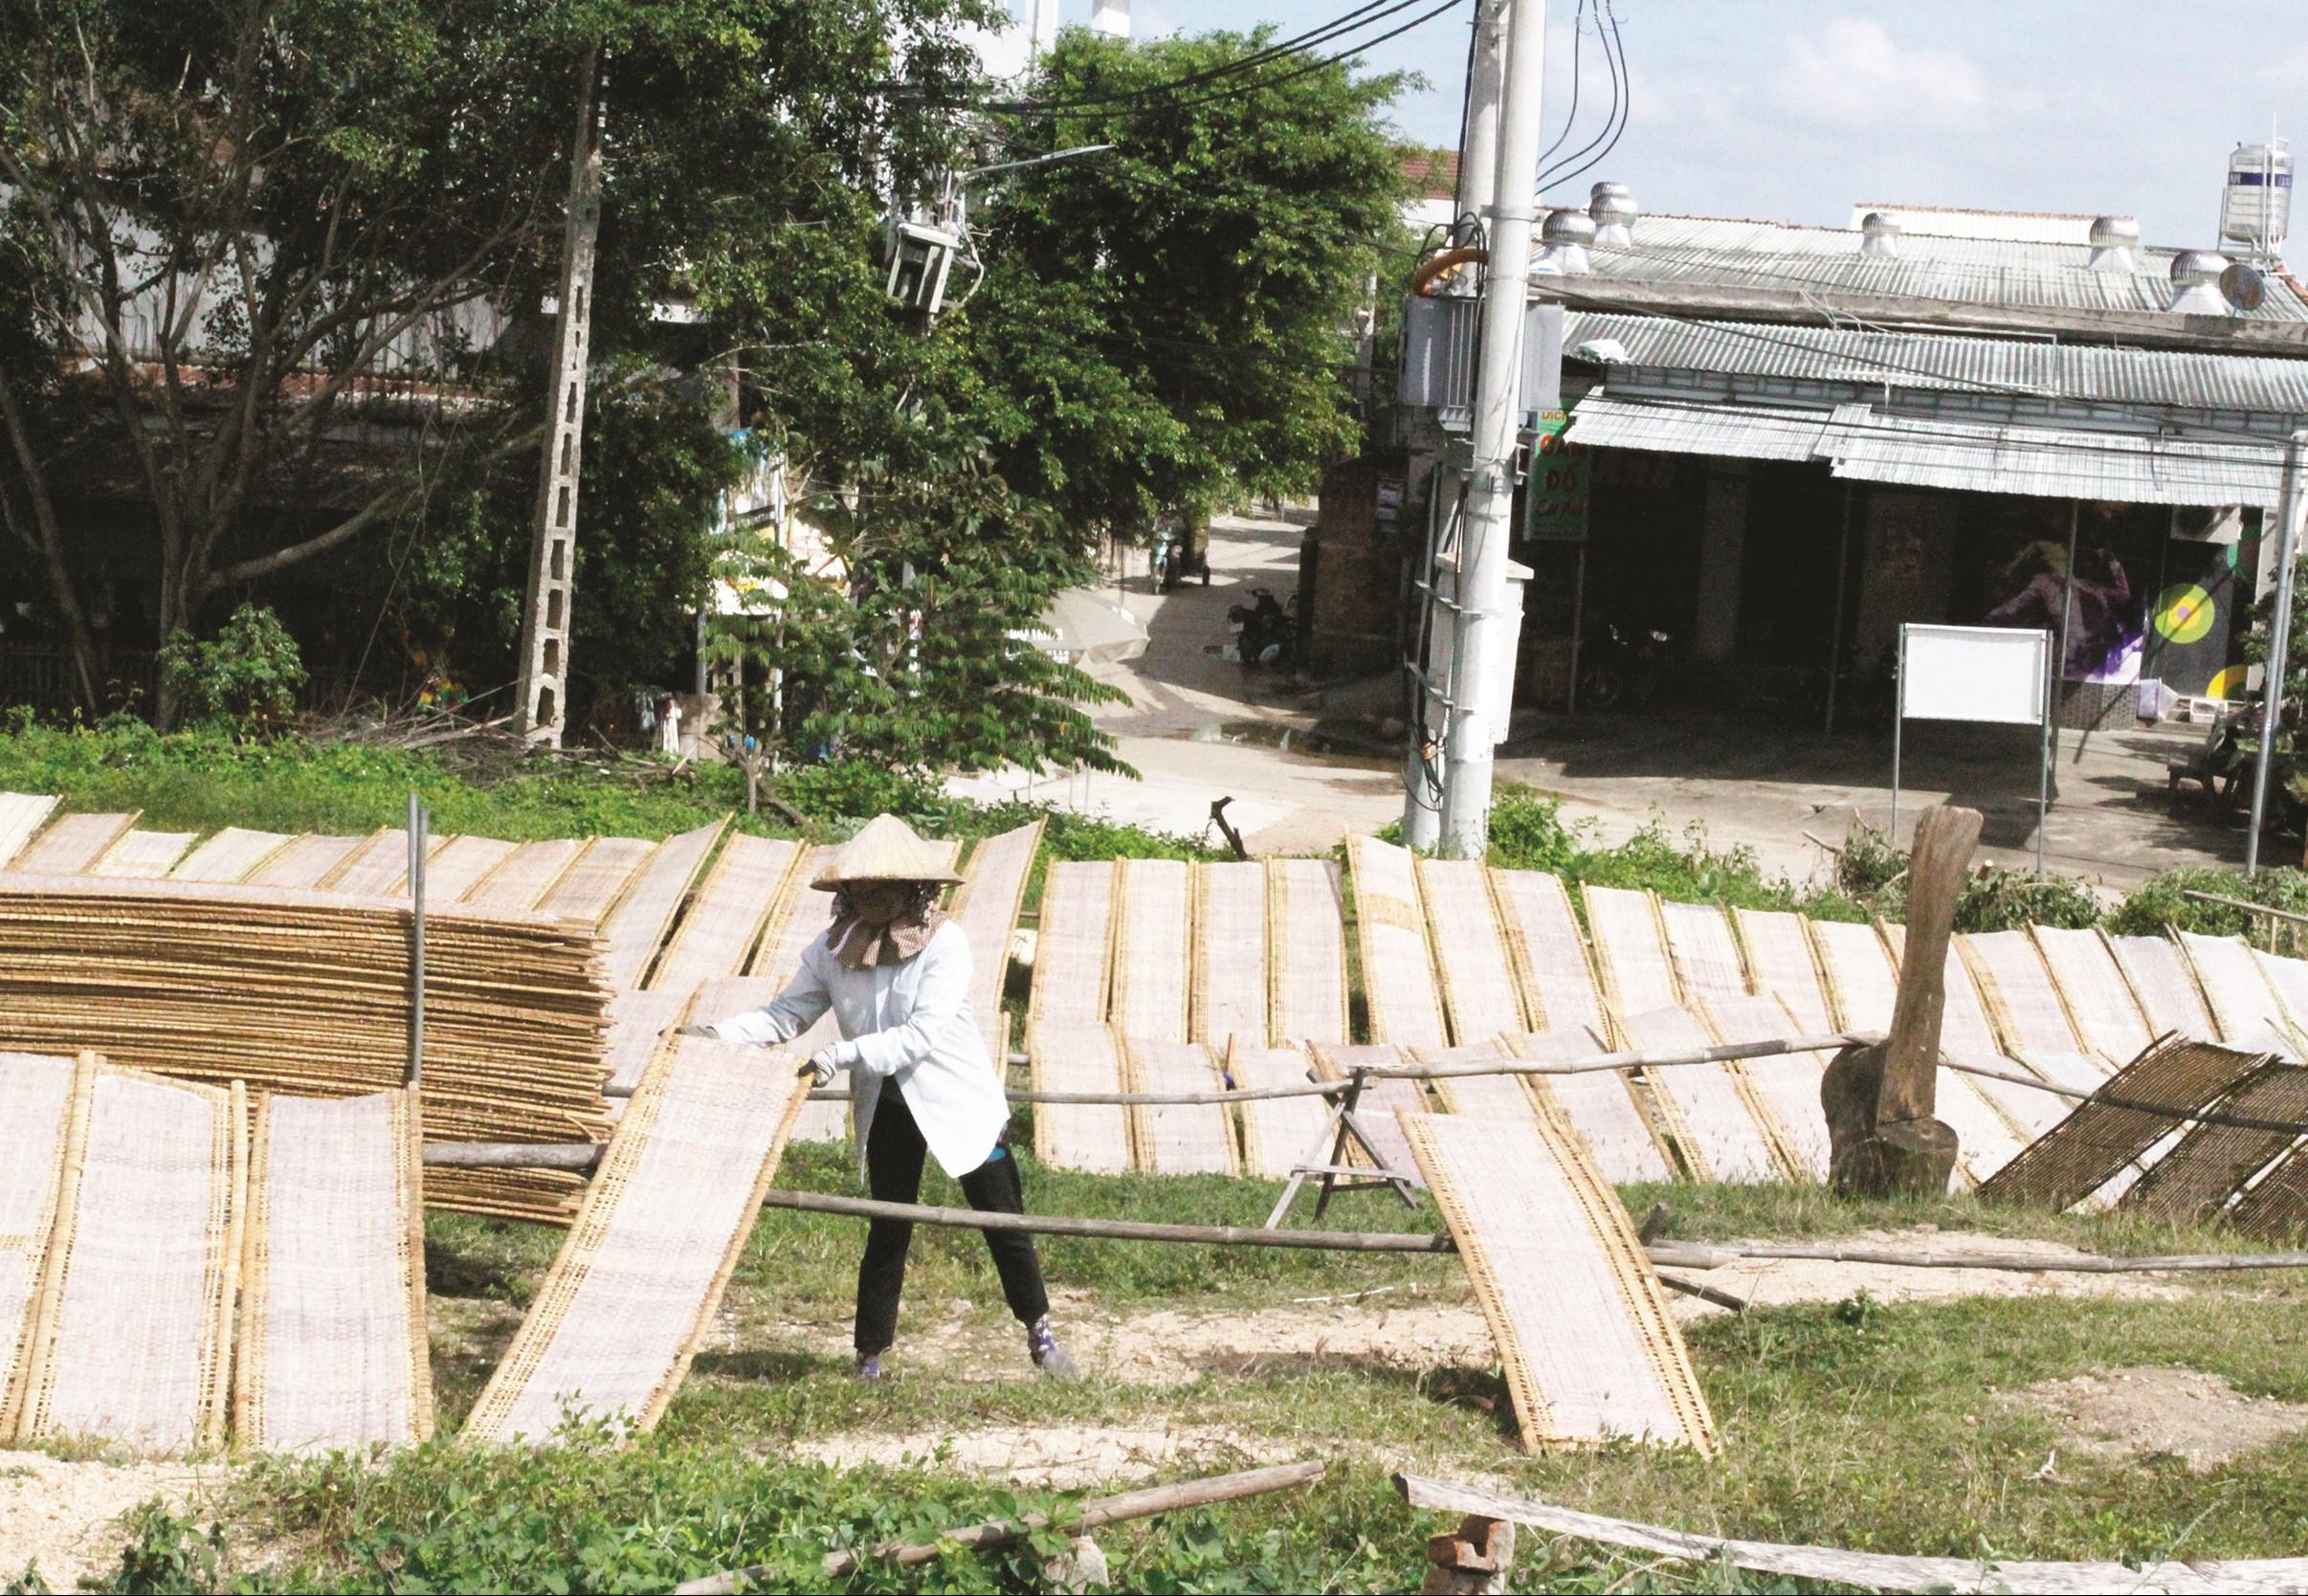 Thời gian tới, Ngân hàng CSXH sẽ tạo điều kiện cho người dân làng nghề vay vốn để phát triển sản xuất. (Ảnh minh họa)